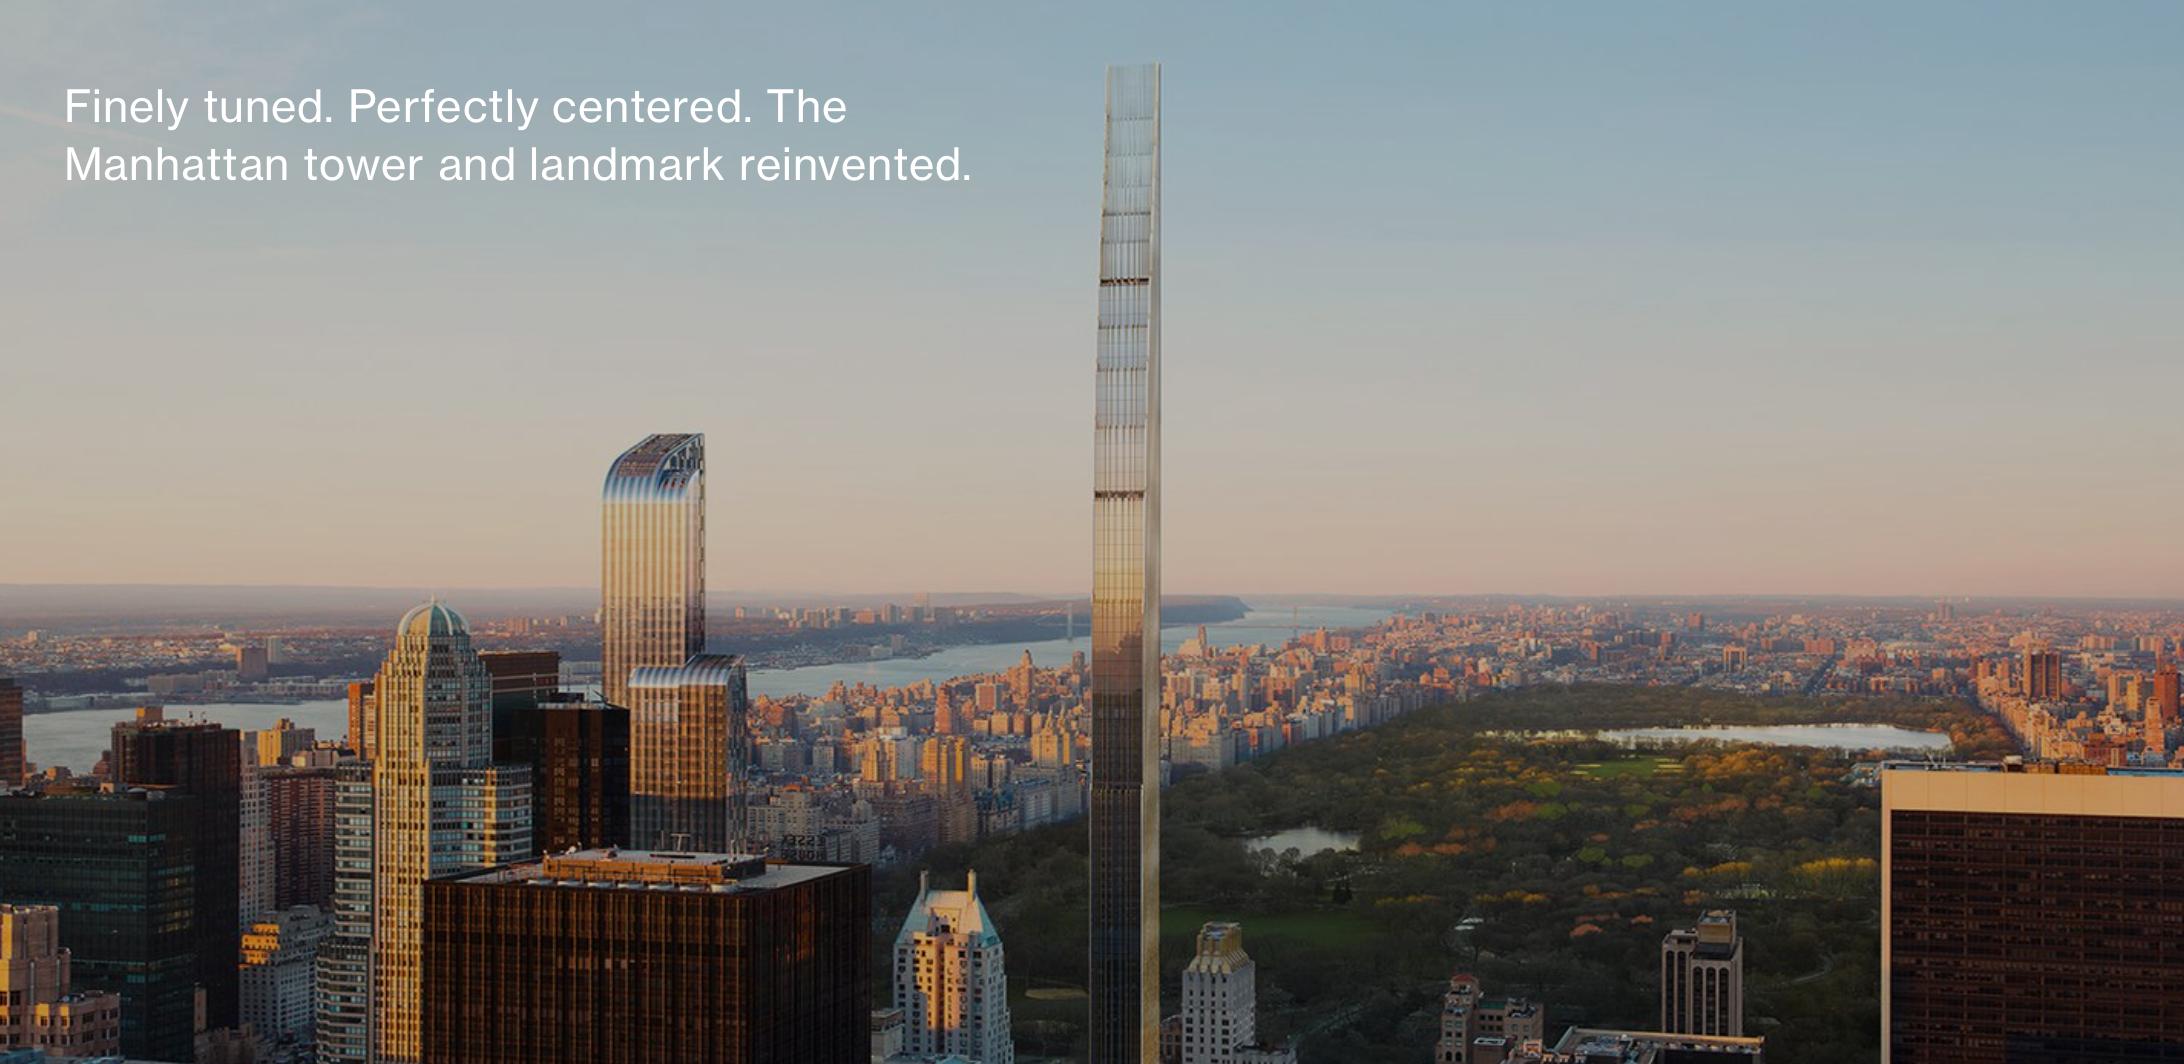 museo-nft-el-recinto-tecnológico-más-grande-del-mundo-estará-en-NY-2-alt